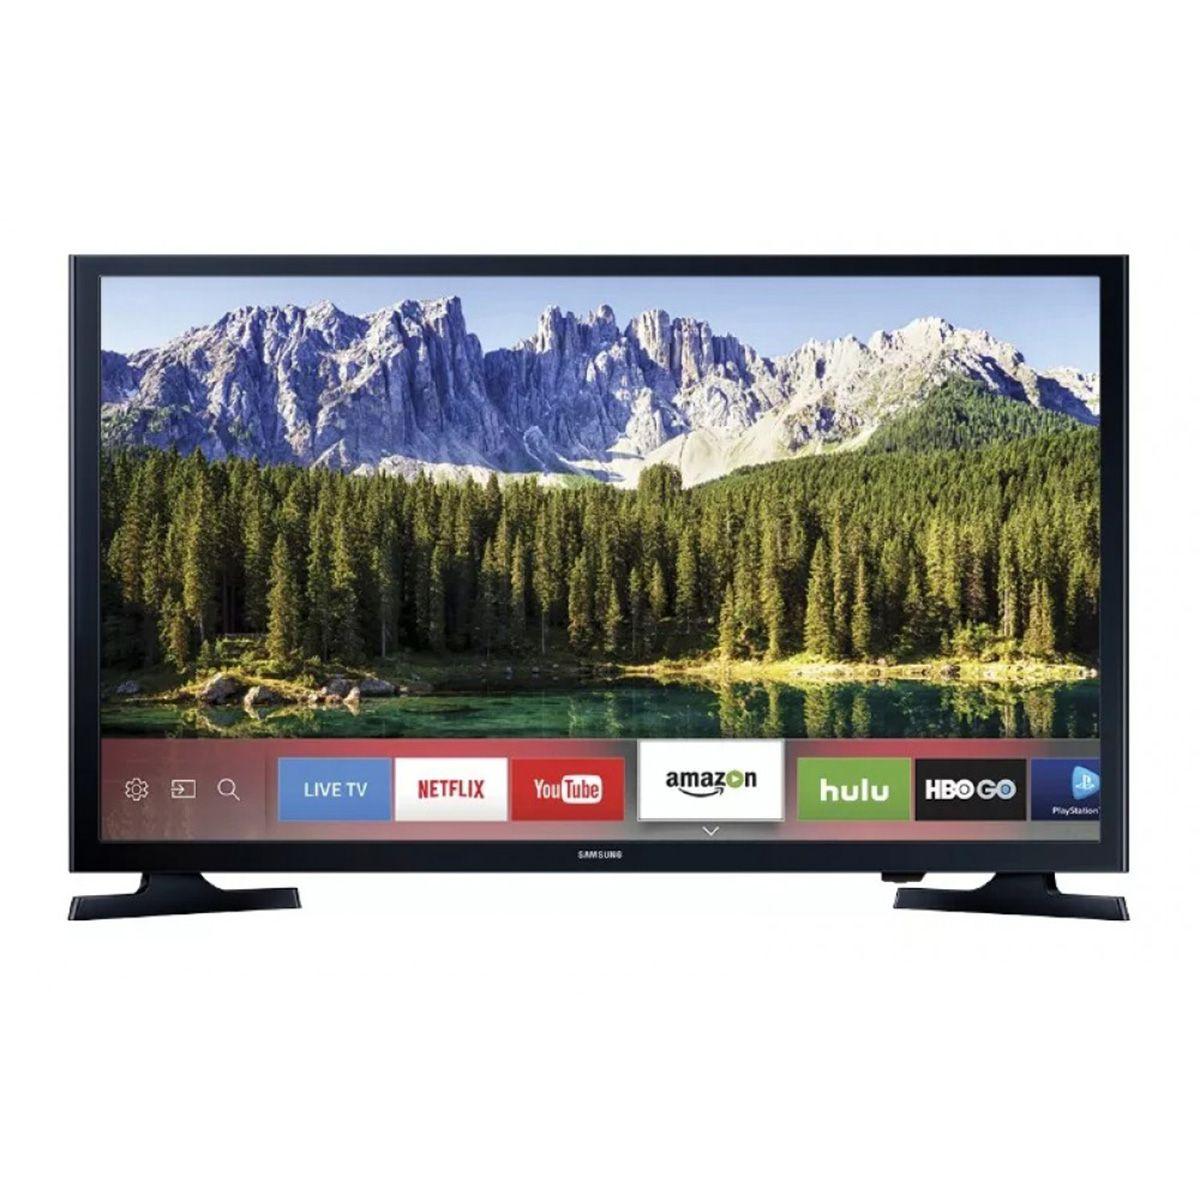 Hitachi Tv Alpha led 49″ 1080P 49C32